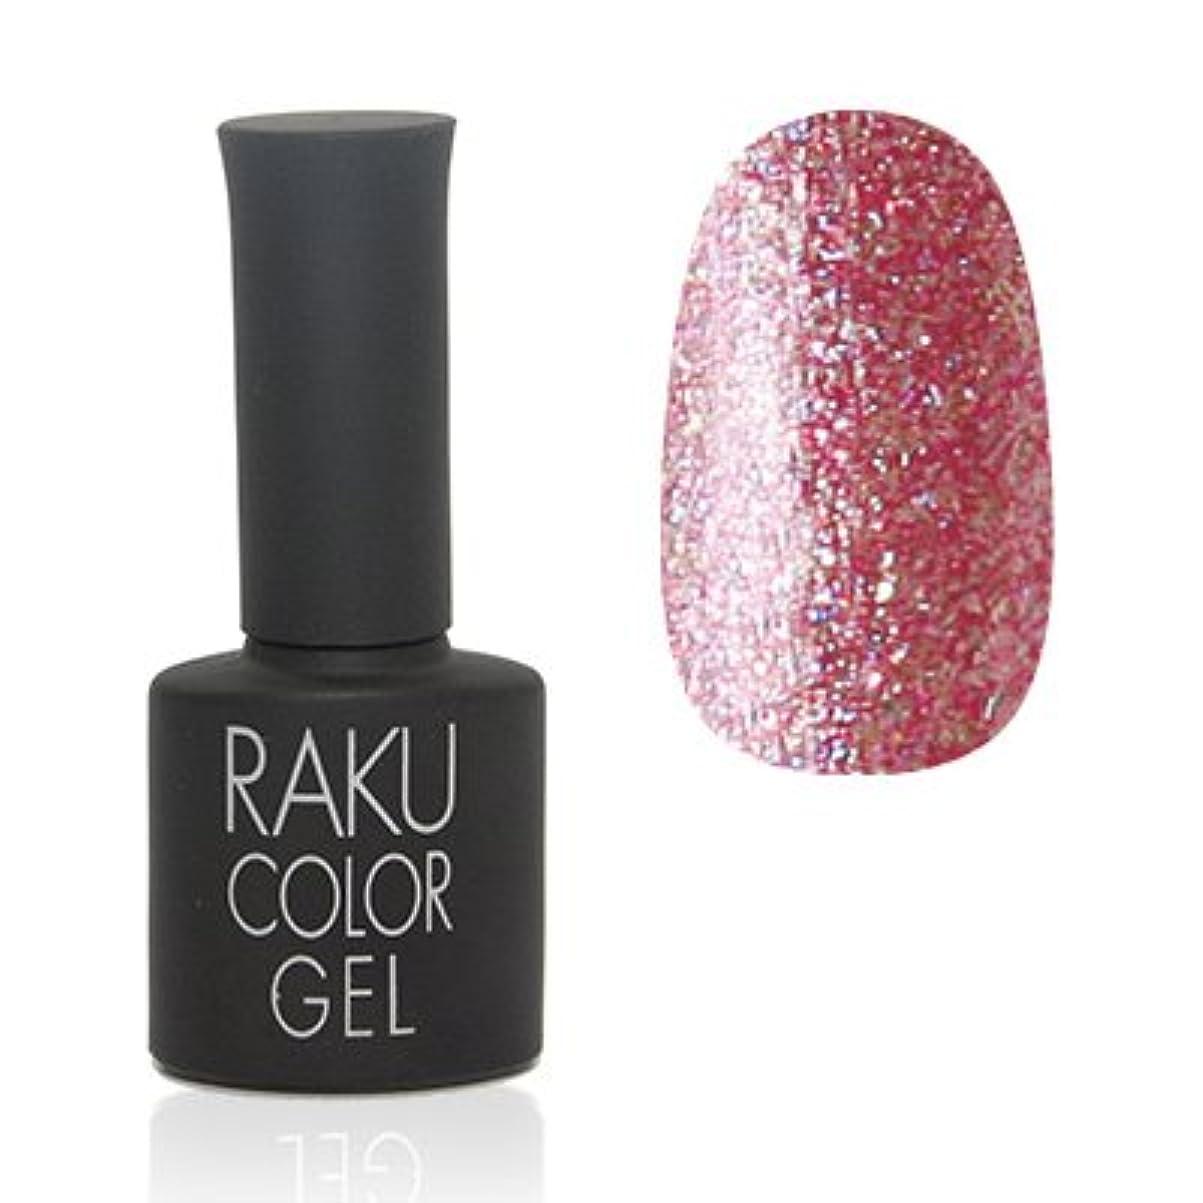 敬取得するおっとラク カラージェル(44-ピンクダイヤモンド)8g 今話題のラクジェル 素早く仕上カラージェル 抜群の発色とツヤ 国産ポリッシュタイプ オールインワン ワンステップジェルネイル RAKU COLOR GEL #44